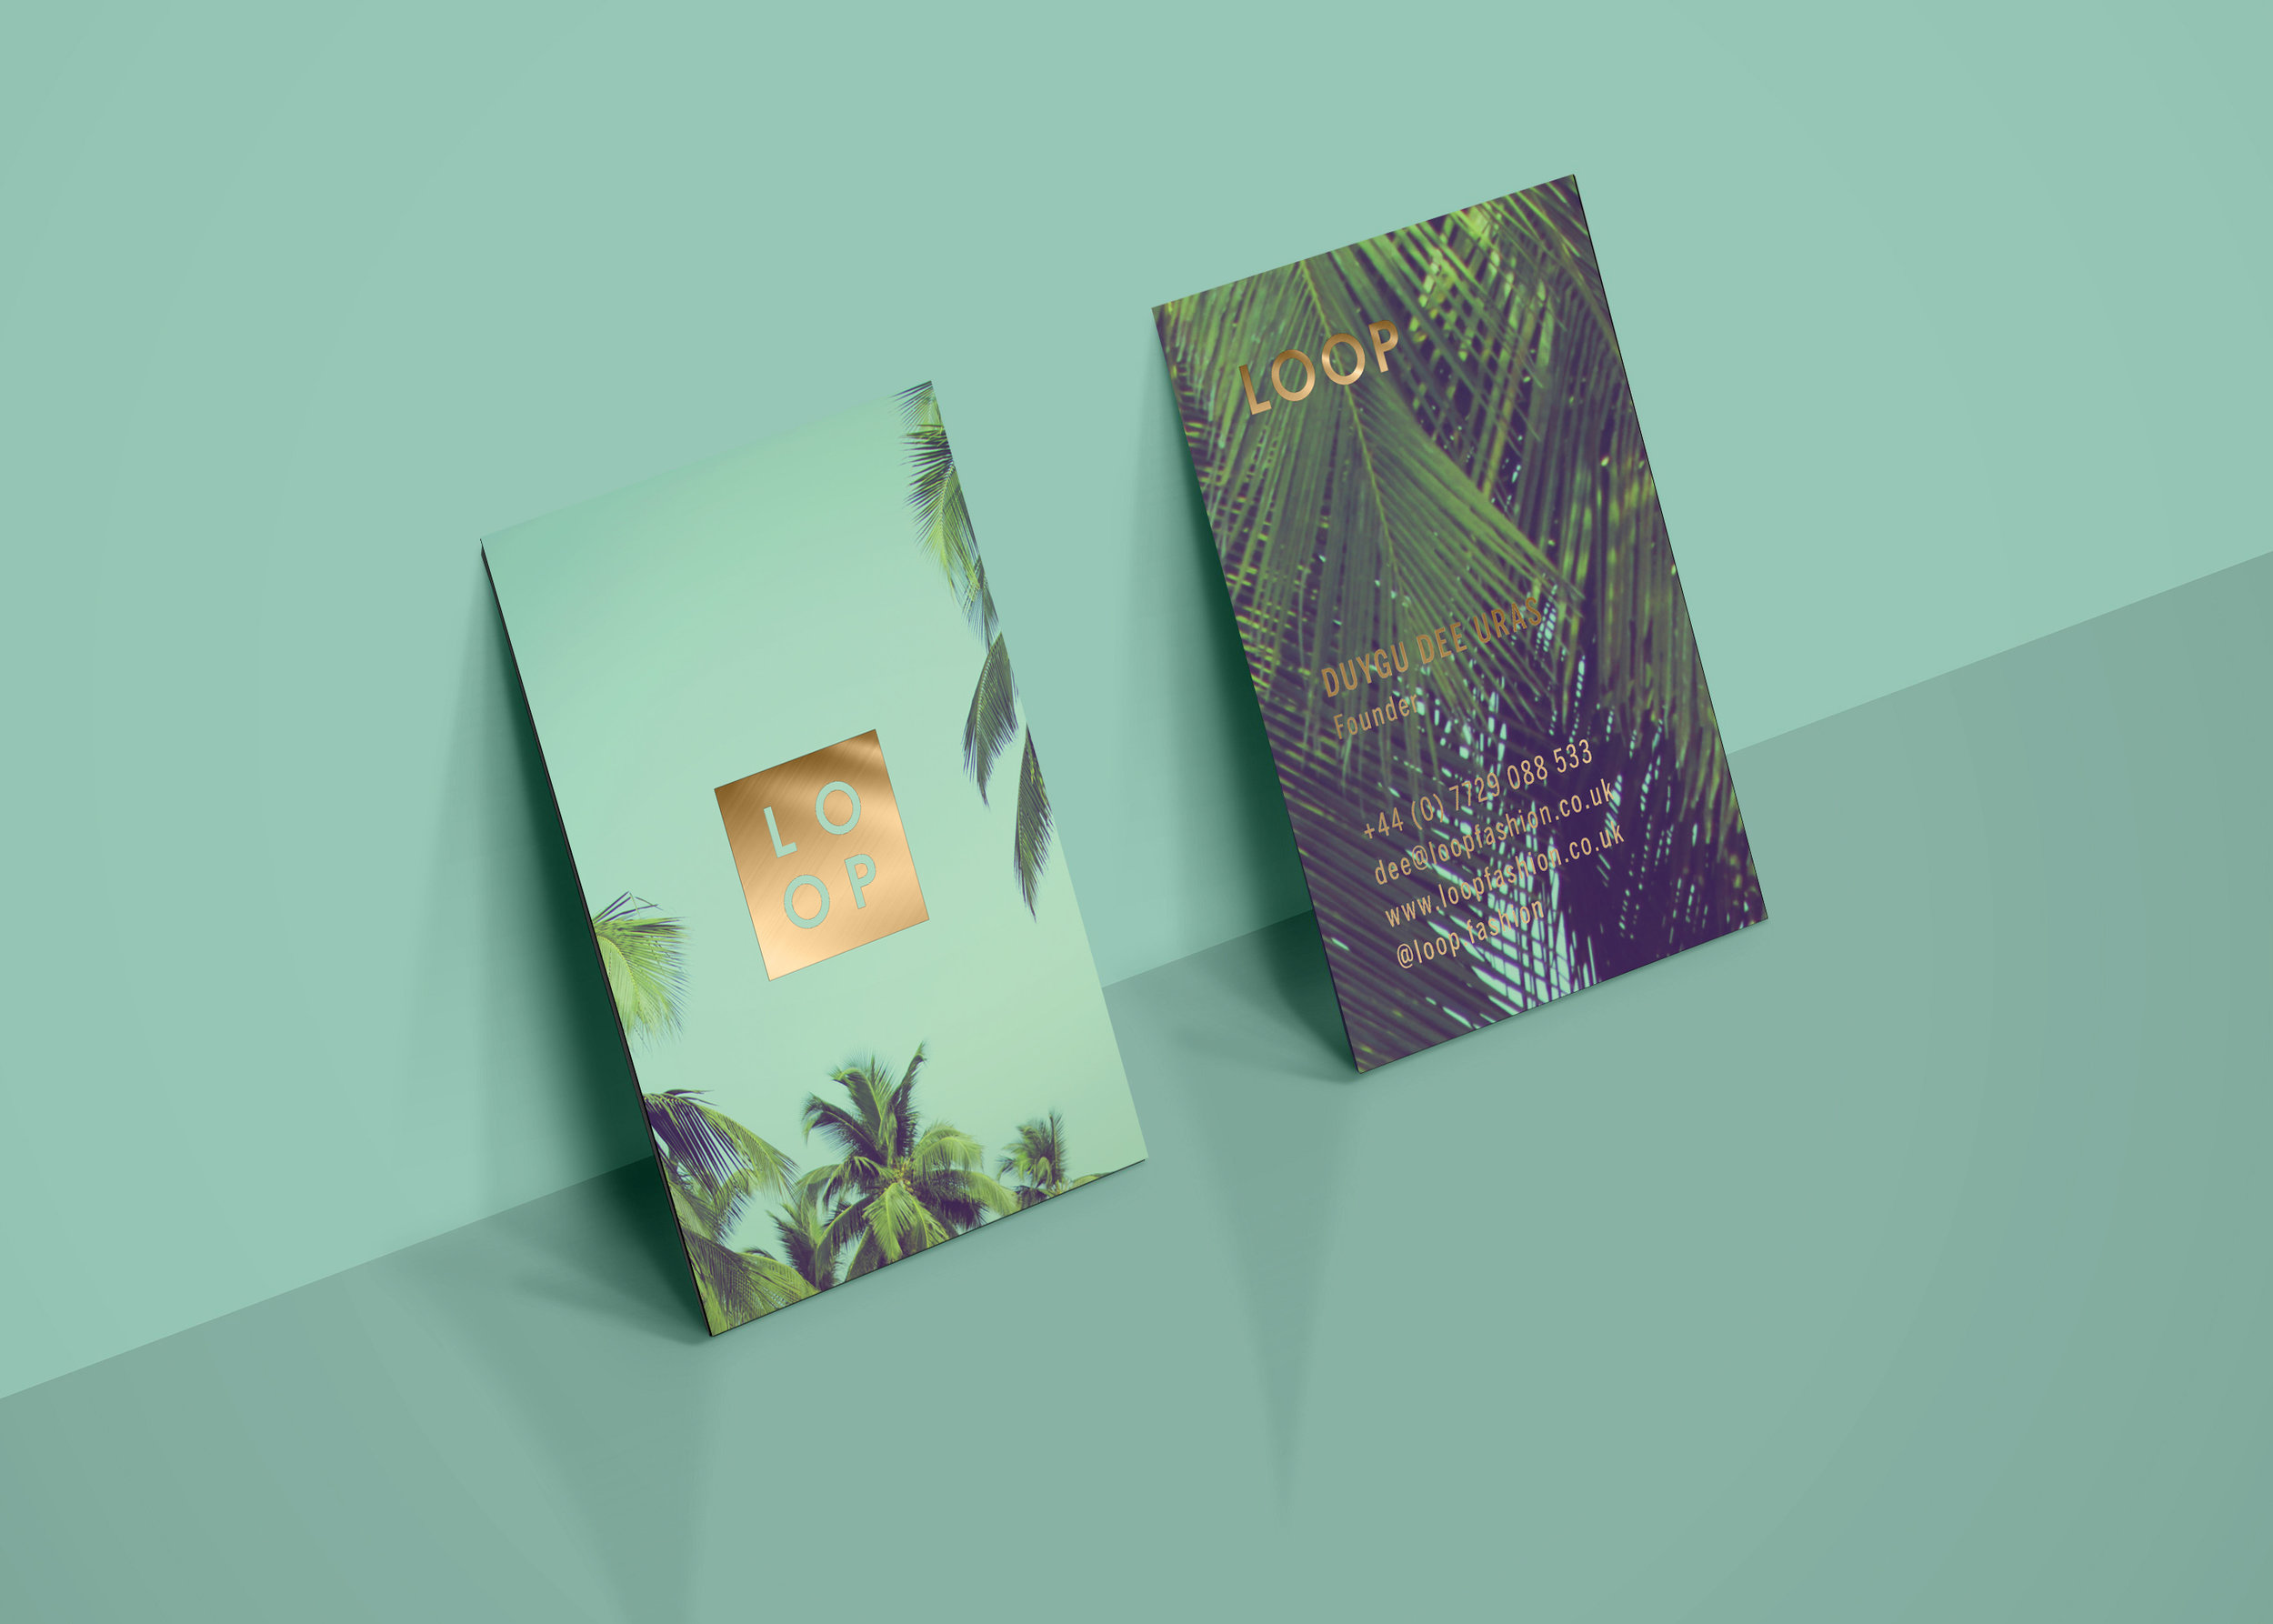 LOOP_Business Card2.jpg